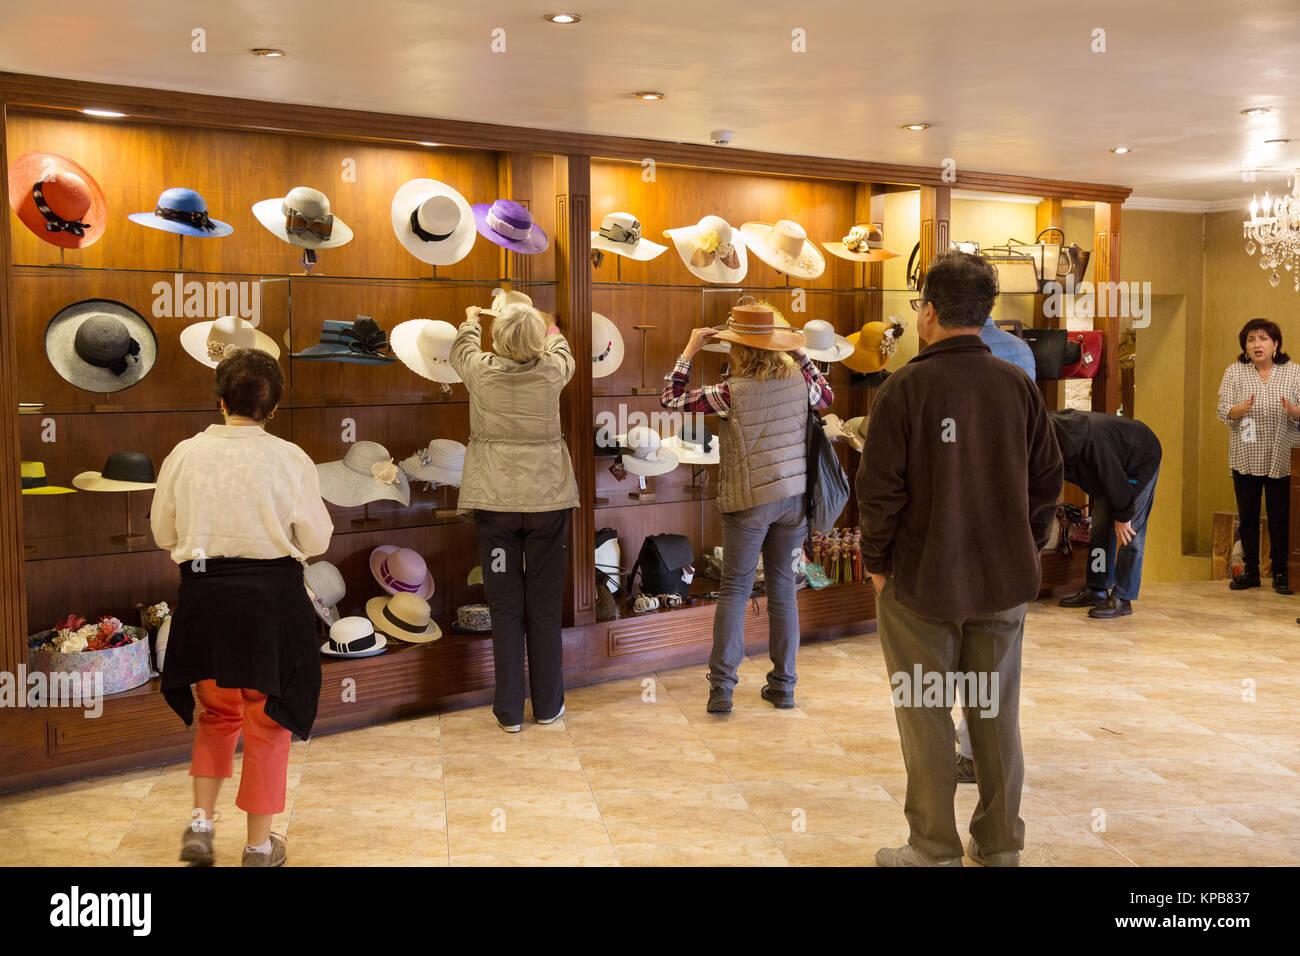 Panama Hat store - persone che acquistano Panama cappelli 967aae3a4c86